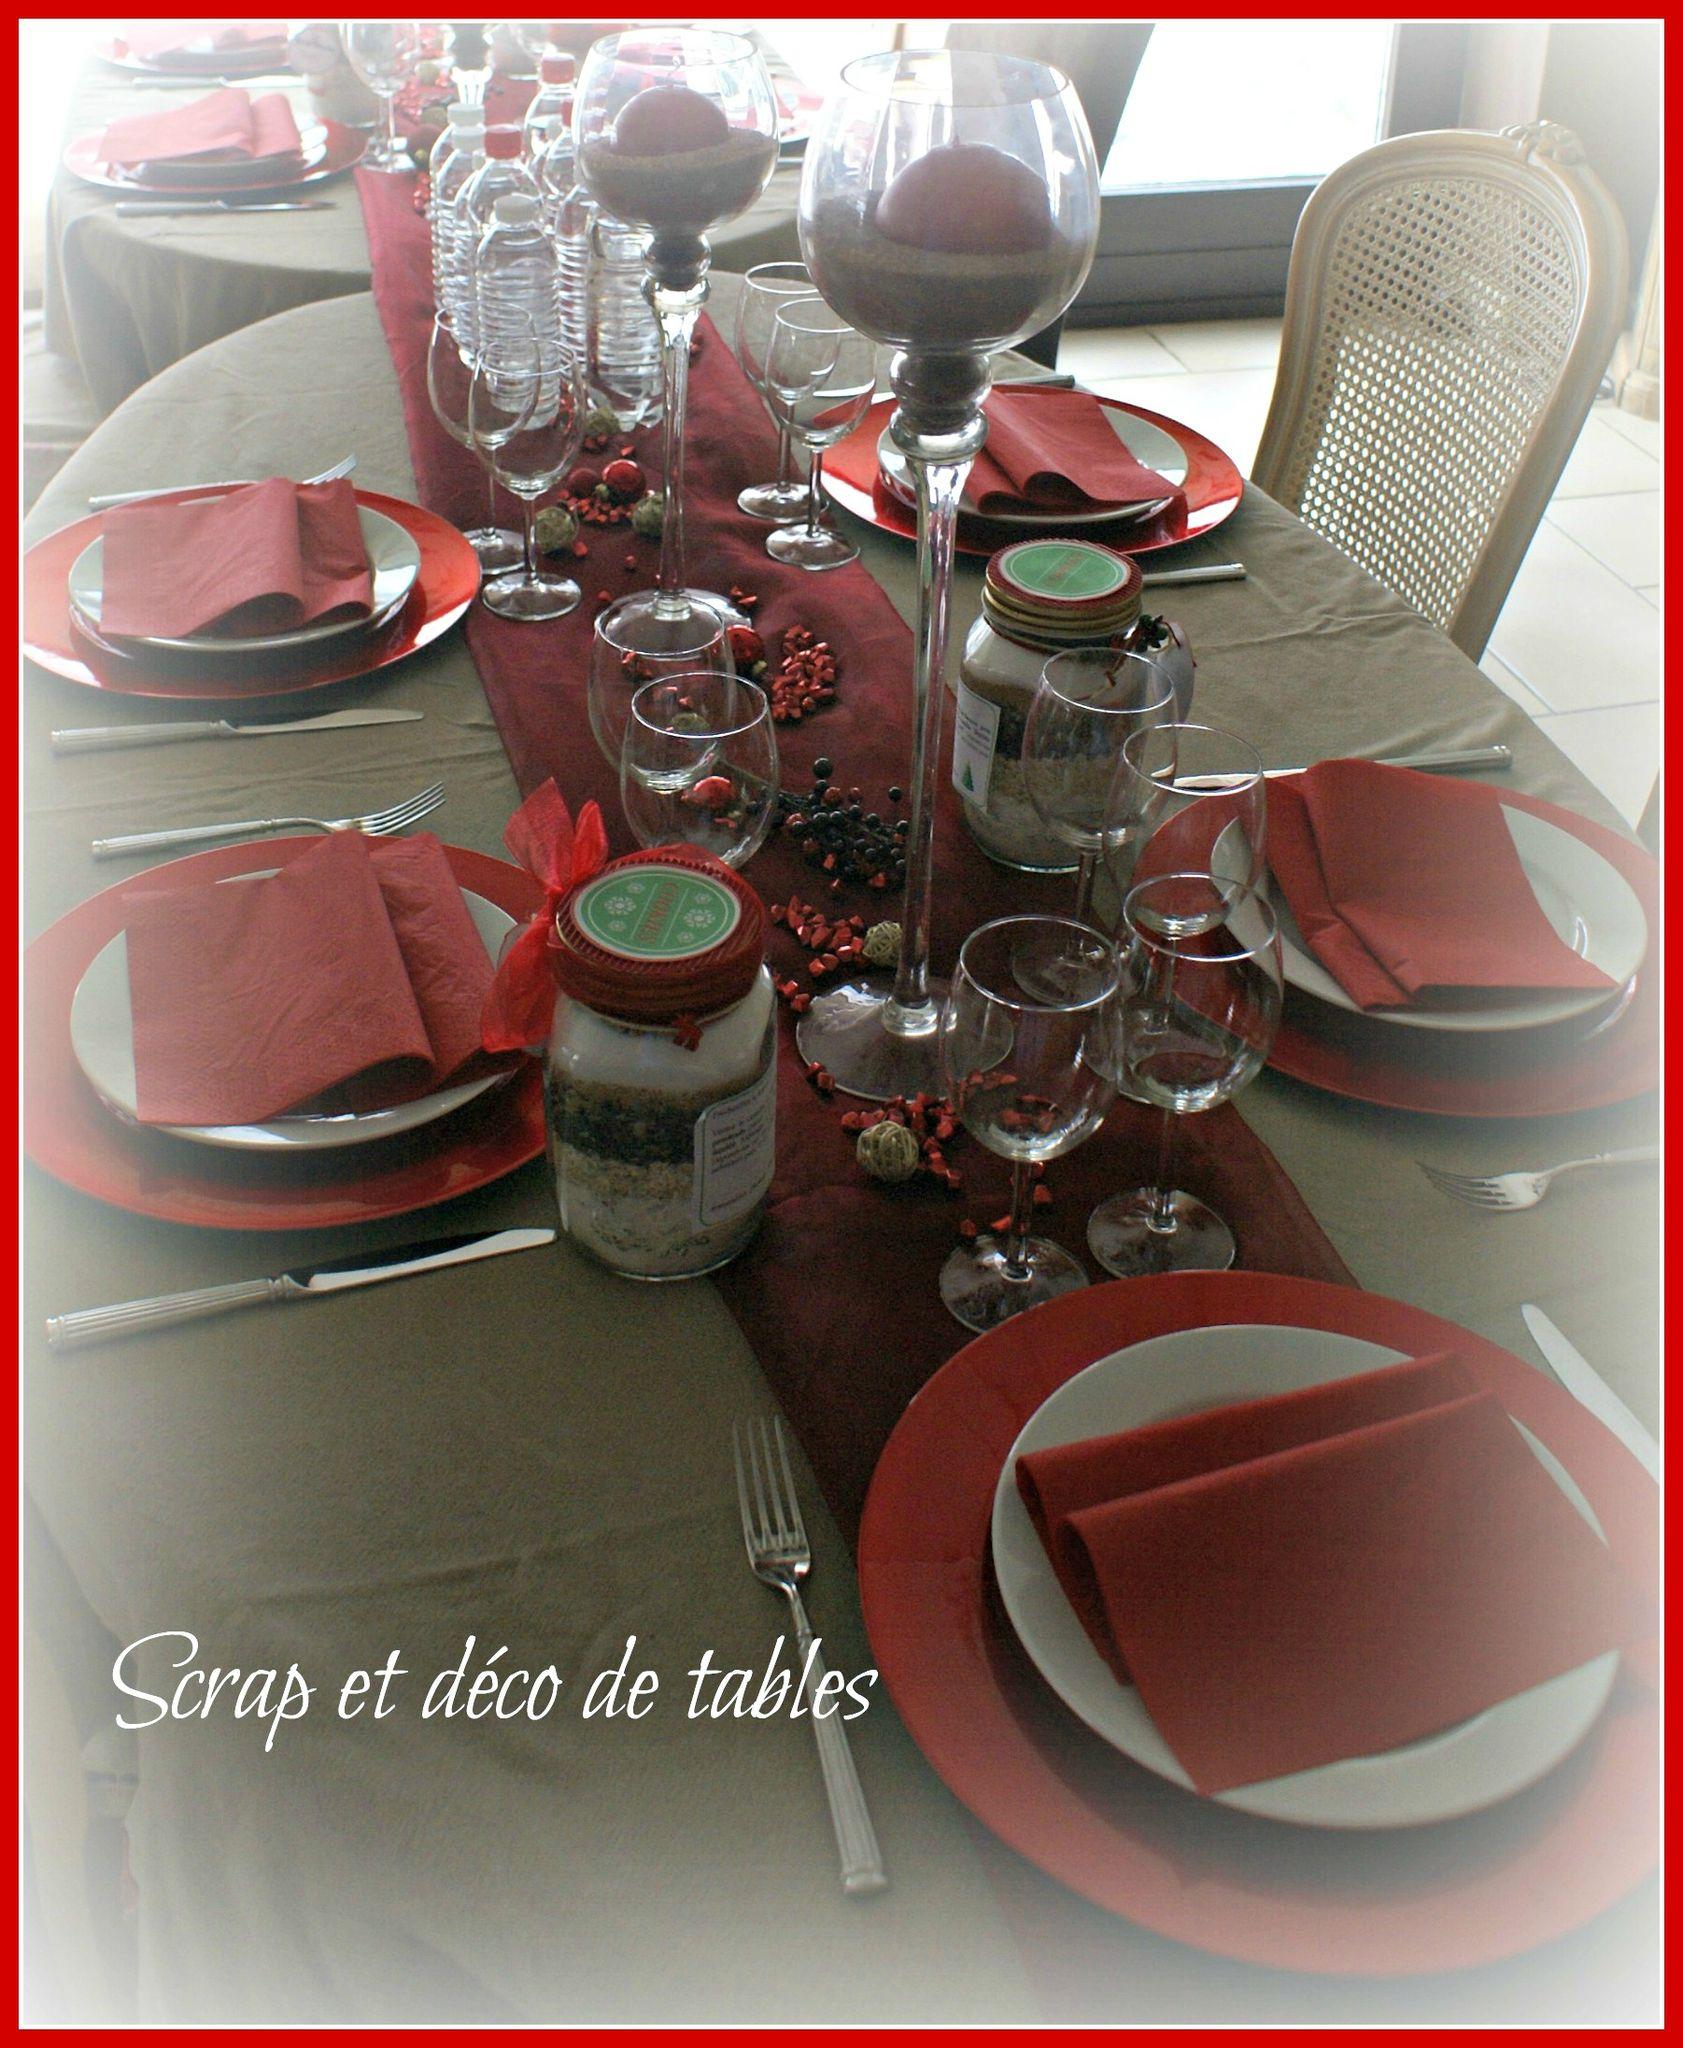 #B61515 DECO DE TABLES DE NOËL EN ROUGE Scrap Et Déco De Tables 6185 decoration de table de noel en scrap 1683x2048 px @ aertt.com